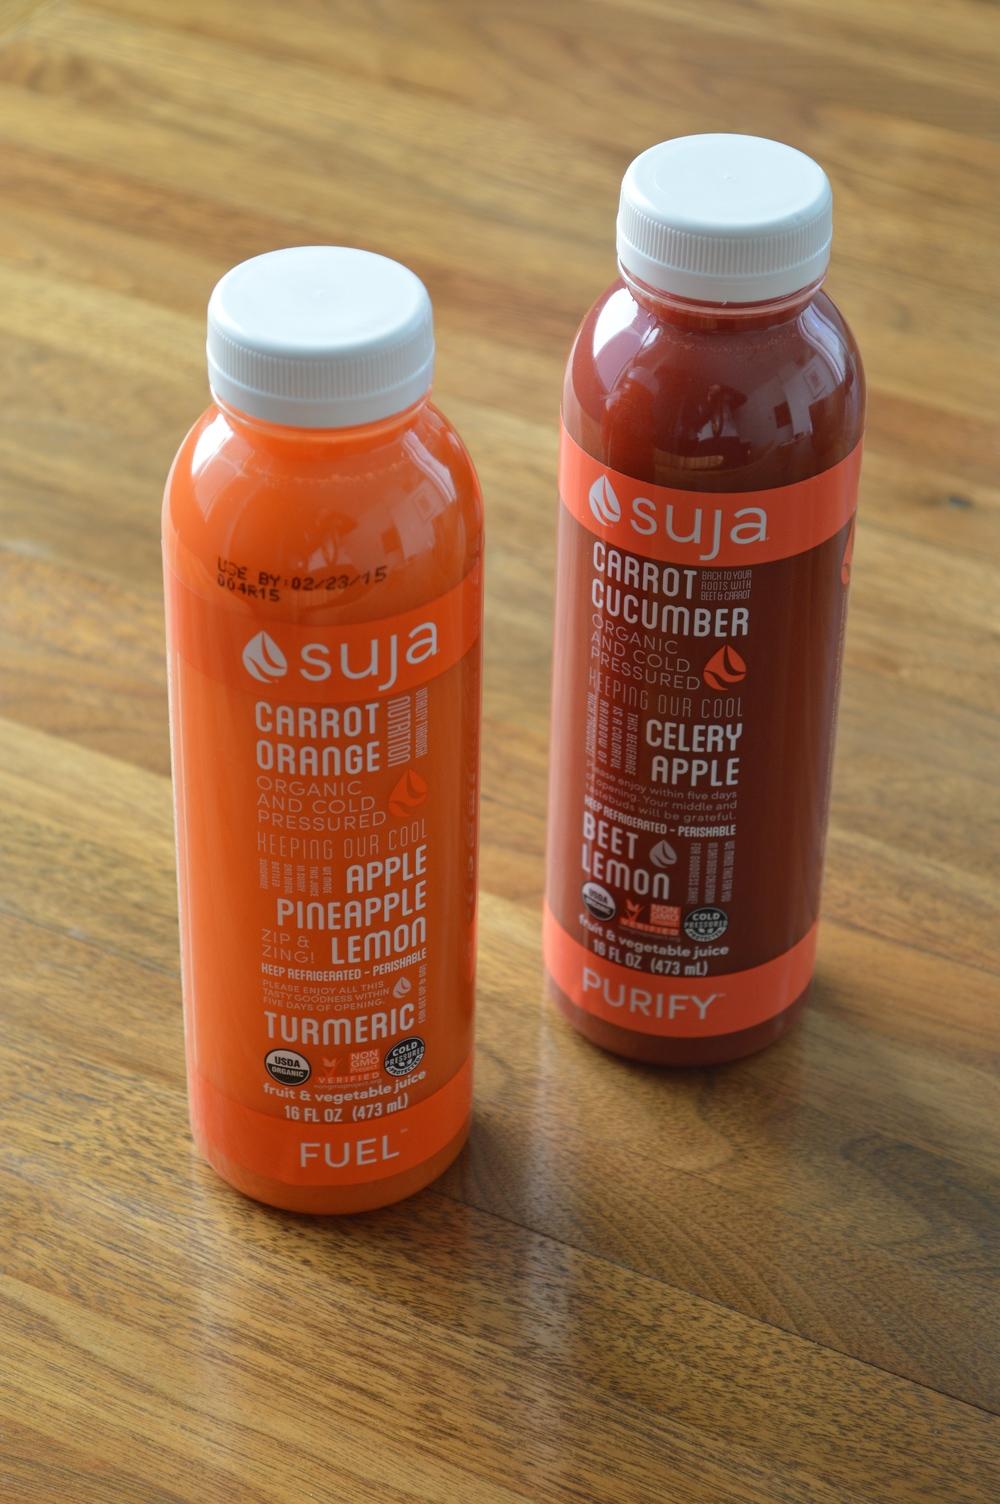 LaurenSchwaiger-Blog-Beet-Carrot-Suja-Juice.jpg